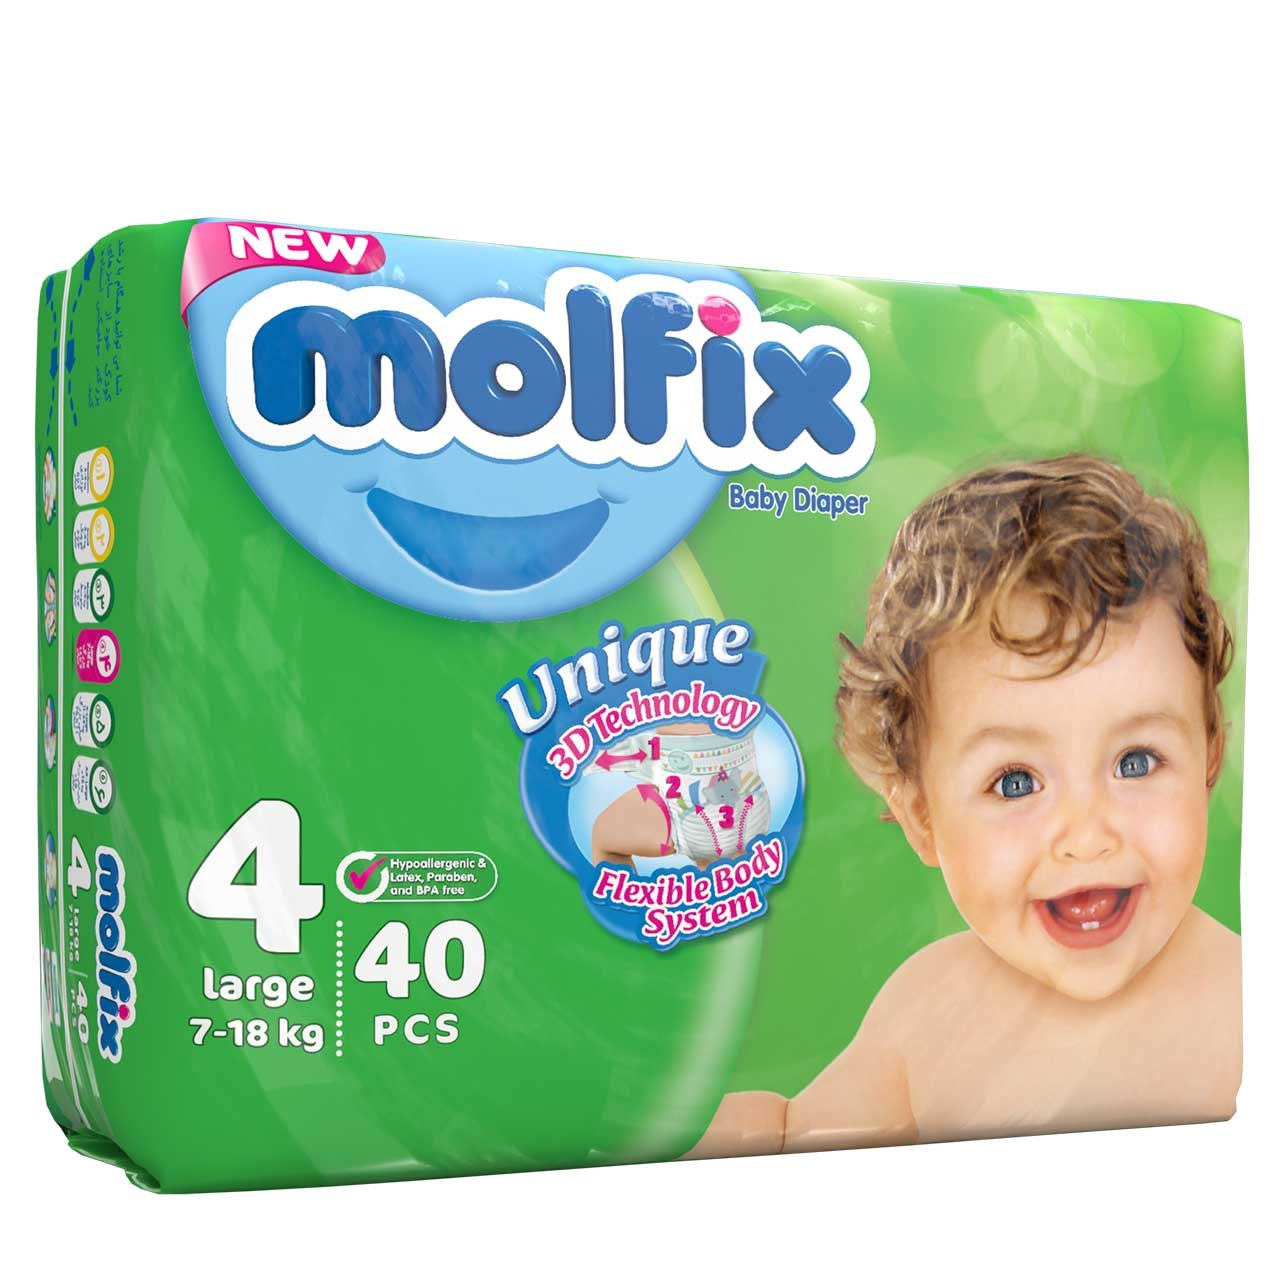 عکس پوشک مولفيکس مدل دوقلو سايز 4 بسته 40 عددي  پوشک-مولفیکس-مدل-دوقلو-سایز-4-بسته-40-عددی